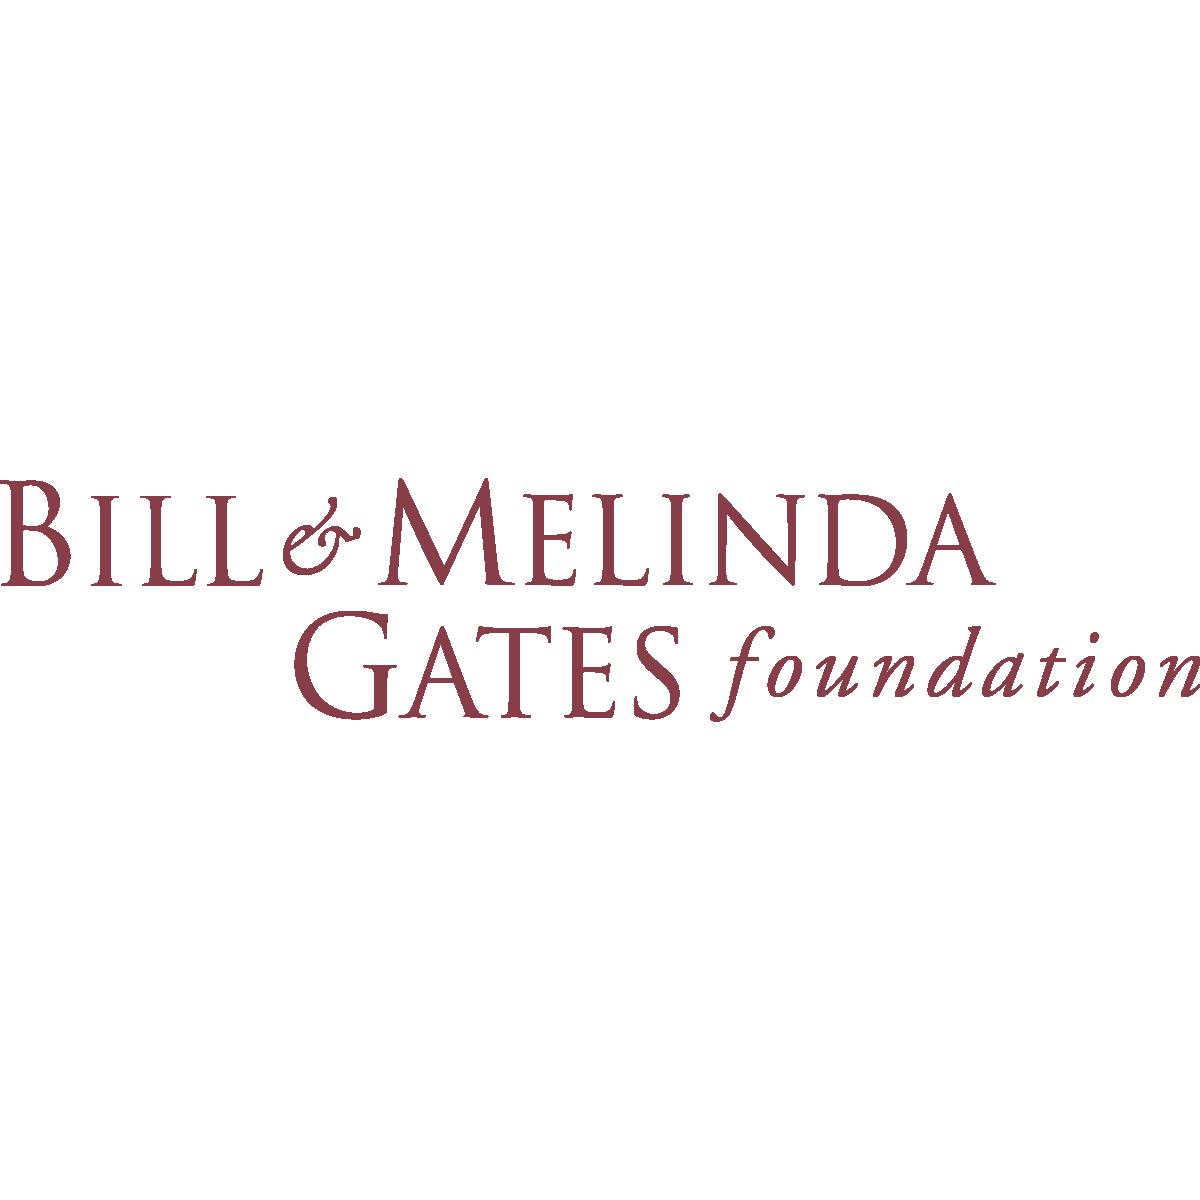 staciewebsite-logo_Bill Melinda Gates Foundation.png